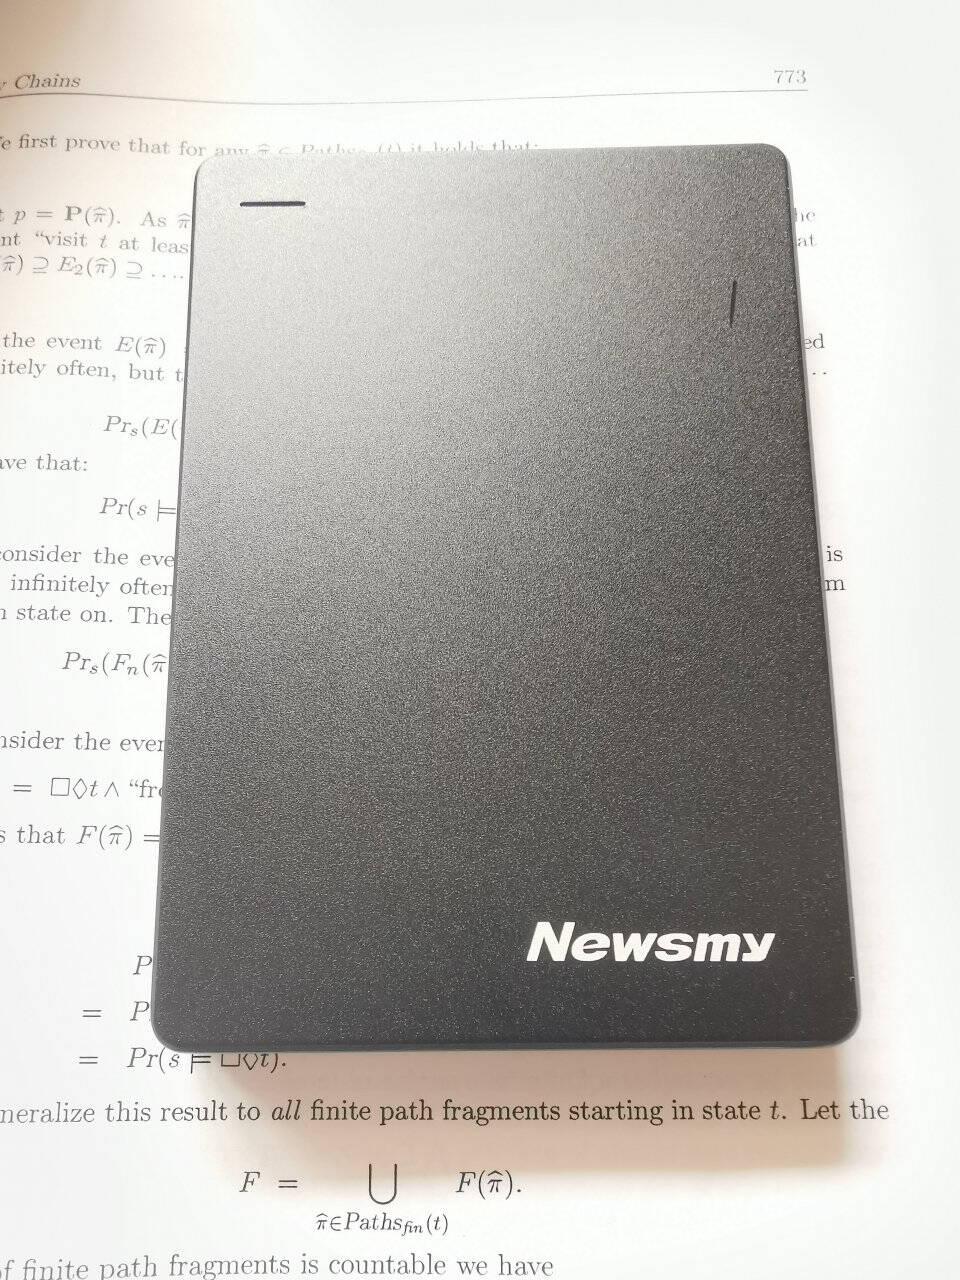 纽曼(Newsmy)500GBUSB3.0移动硬盘星云2.5英寸星空黑数据备份存储稳定耐用